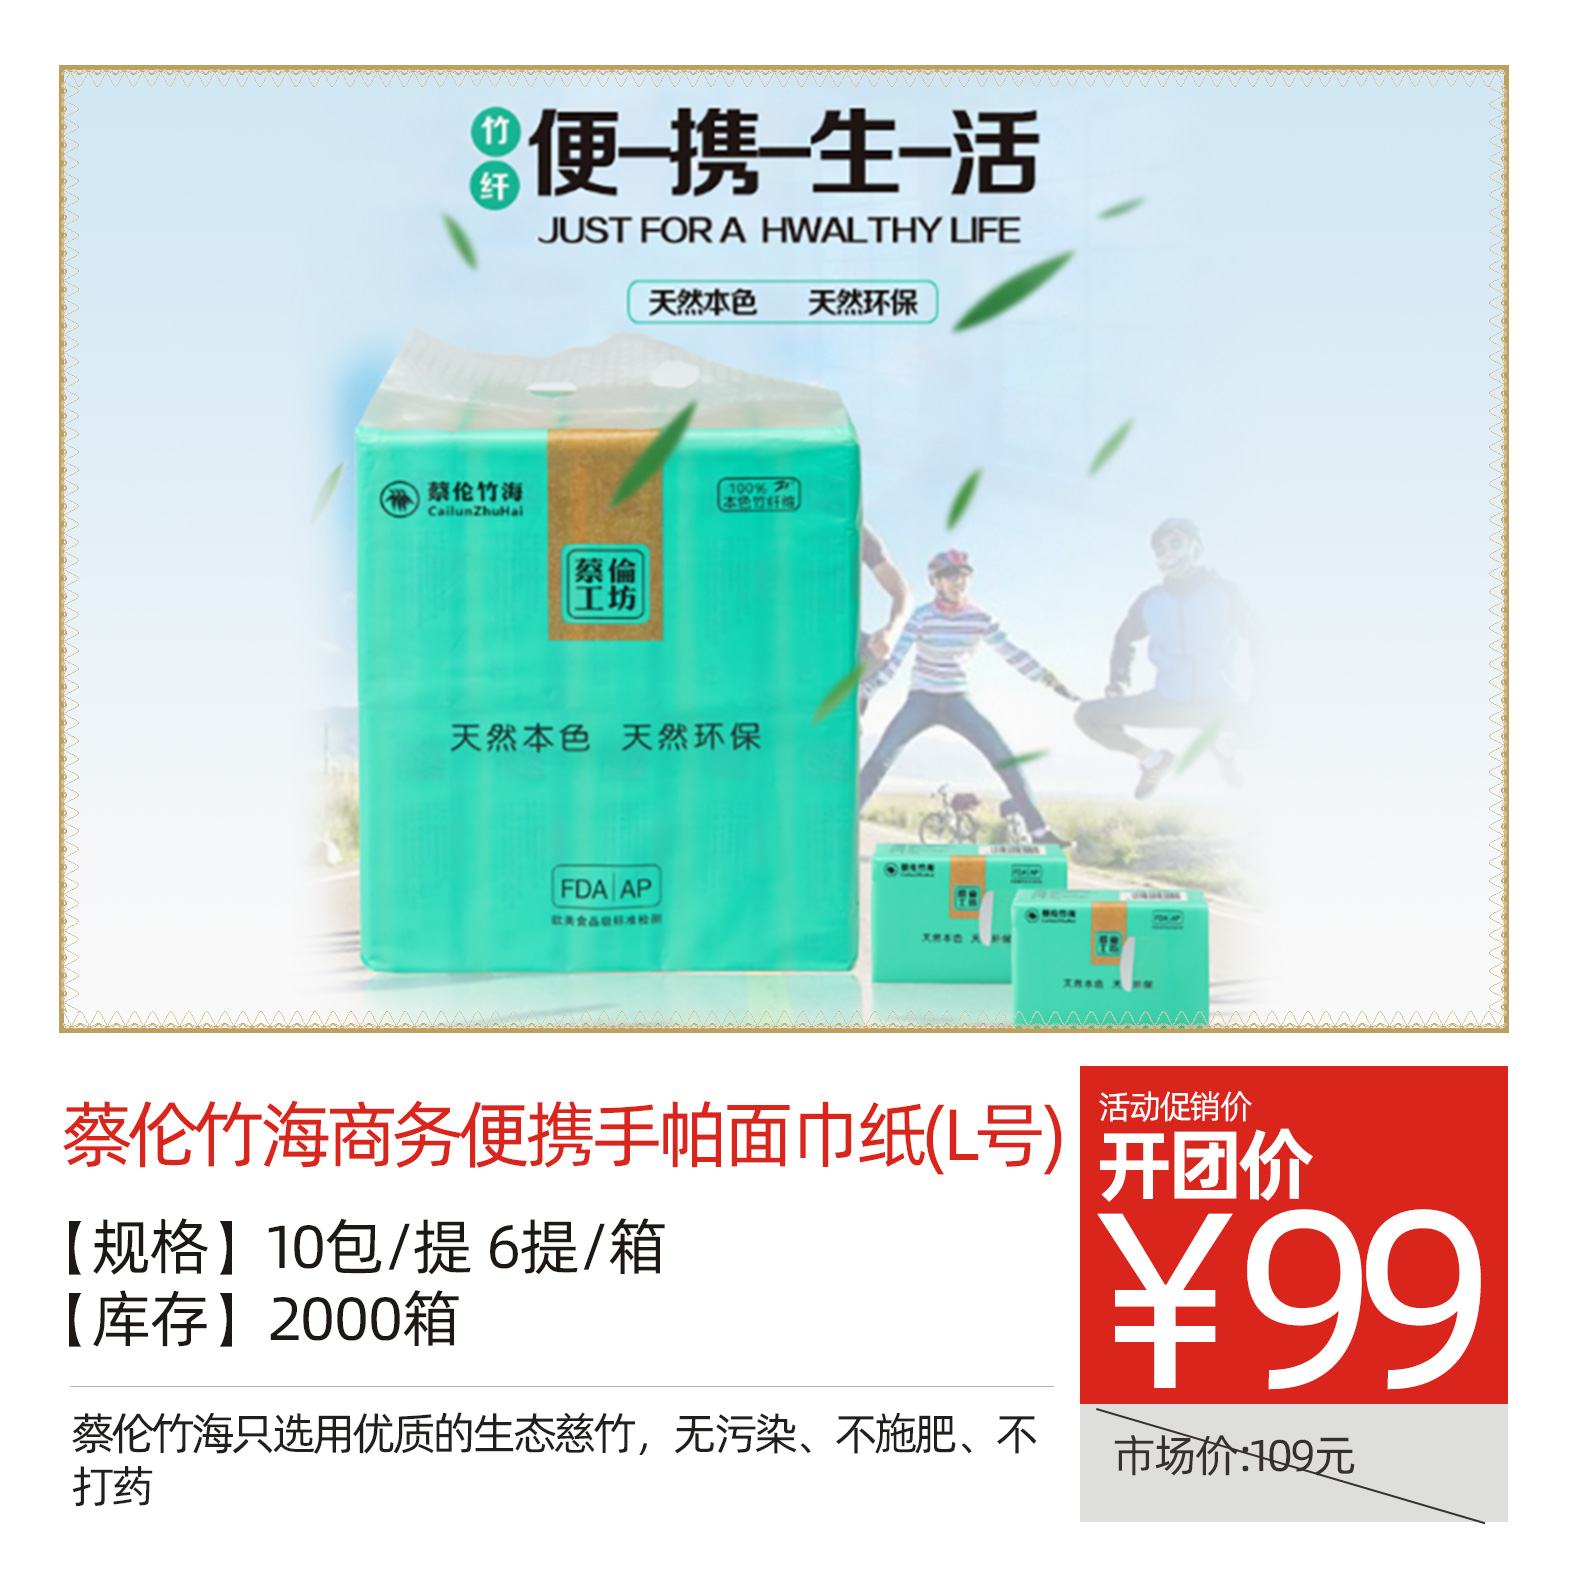 蔡伦竹海商务便携手帕面巾纸(L号)